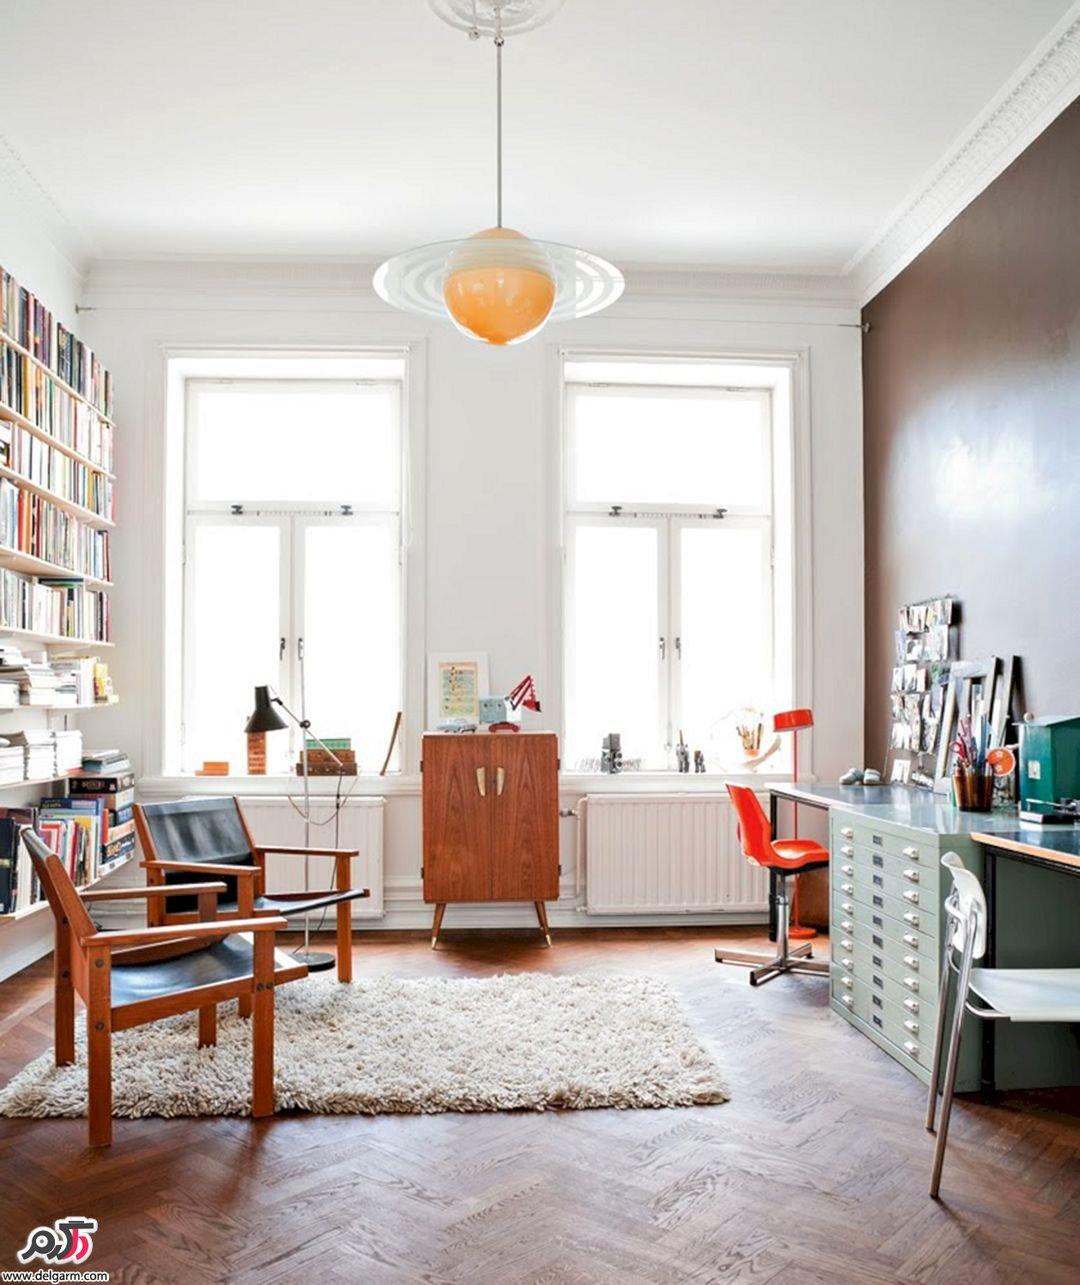 دکوراسیون داخلی به سبک سوئدی